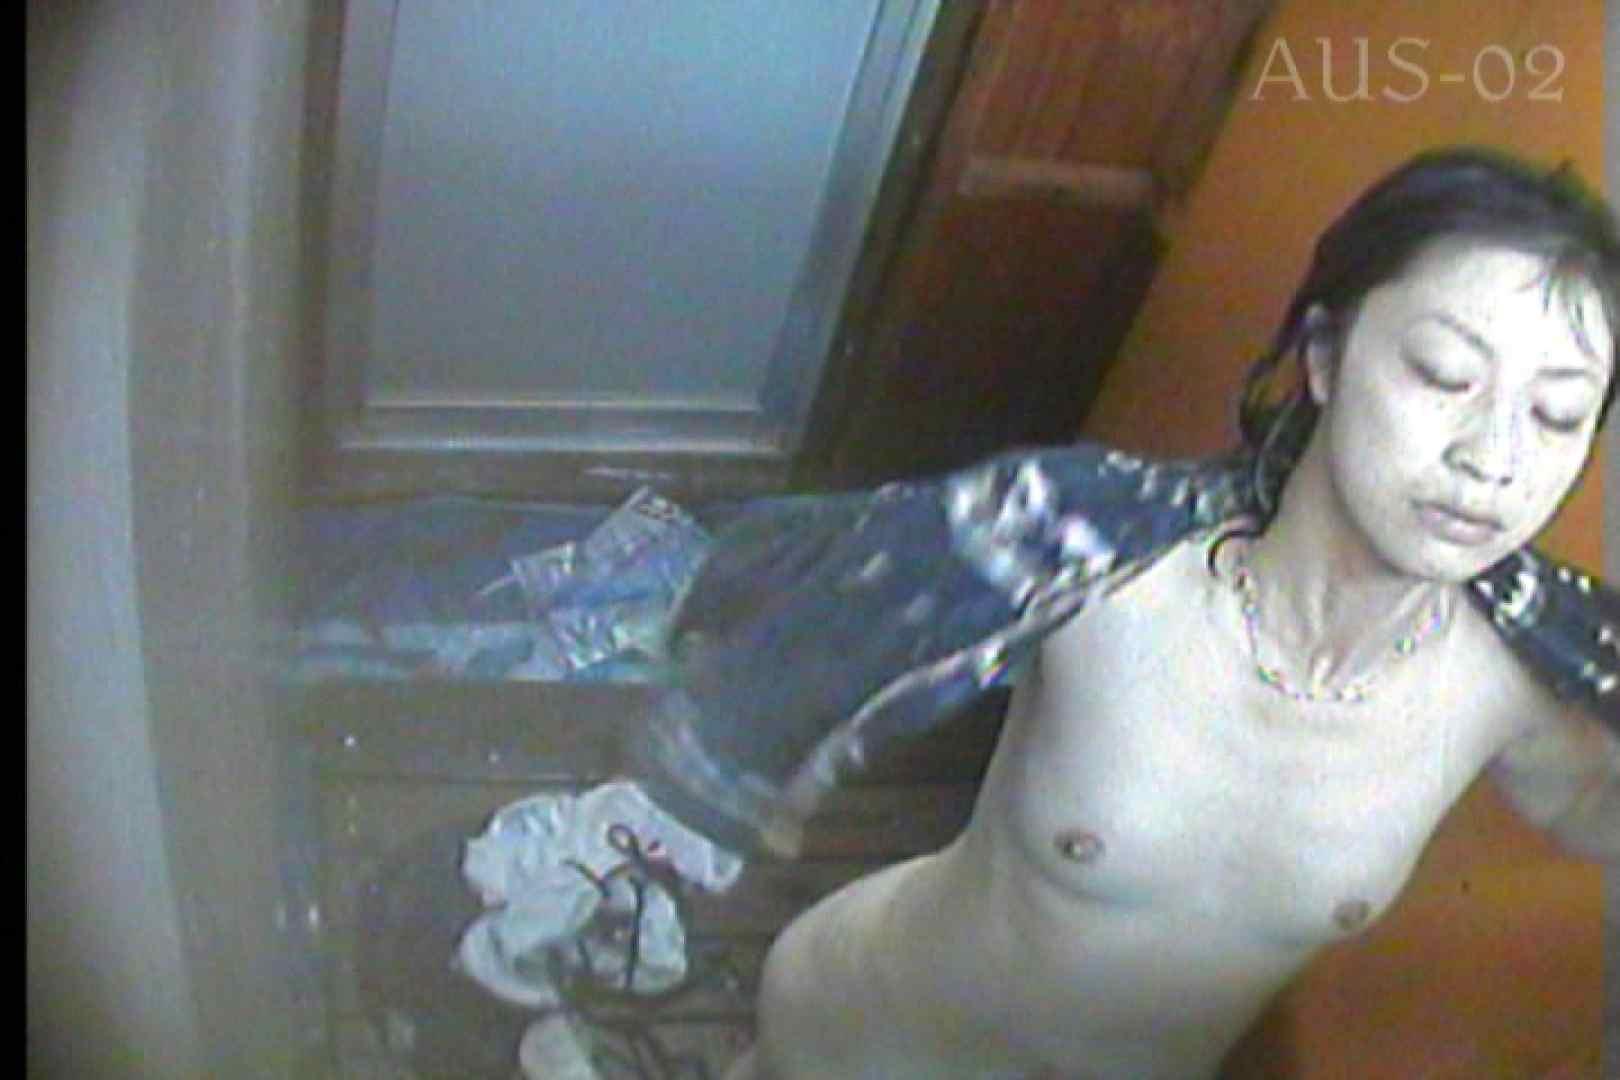 海の家の更衣室 Vol.09 シャワー室 AV無料動画キャプチャ 101画像 40